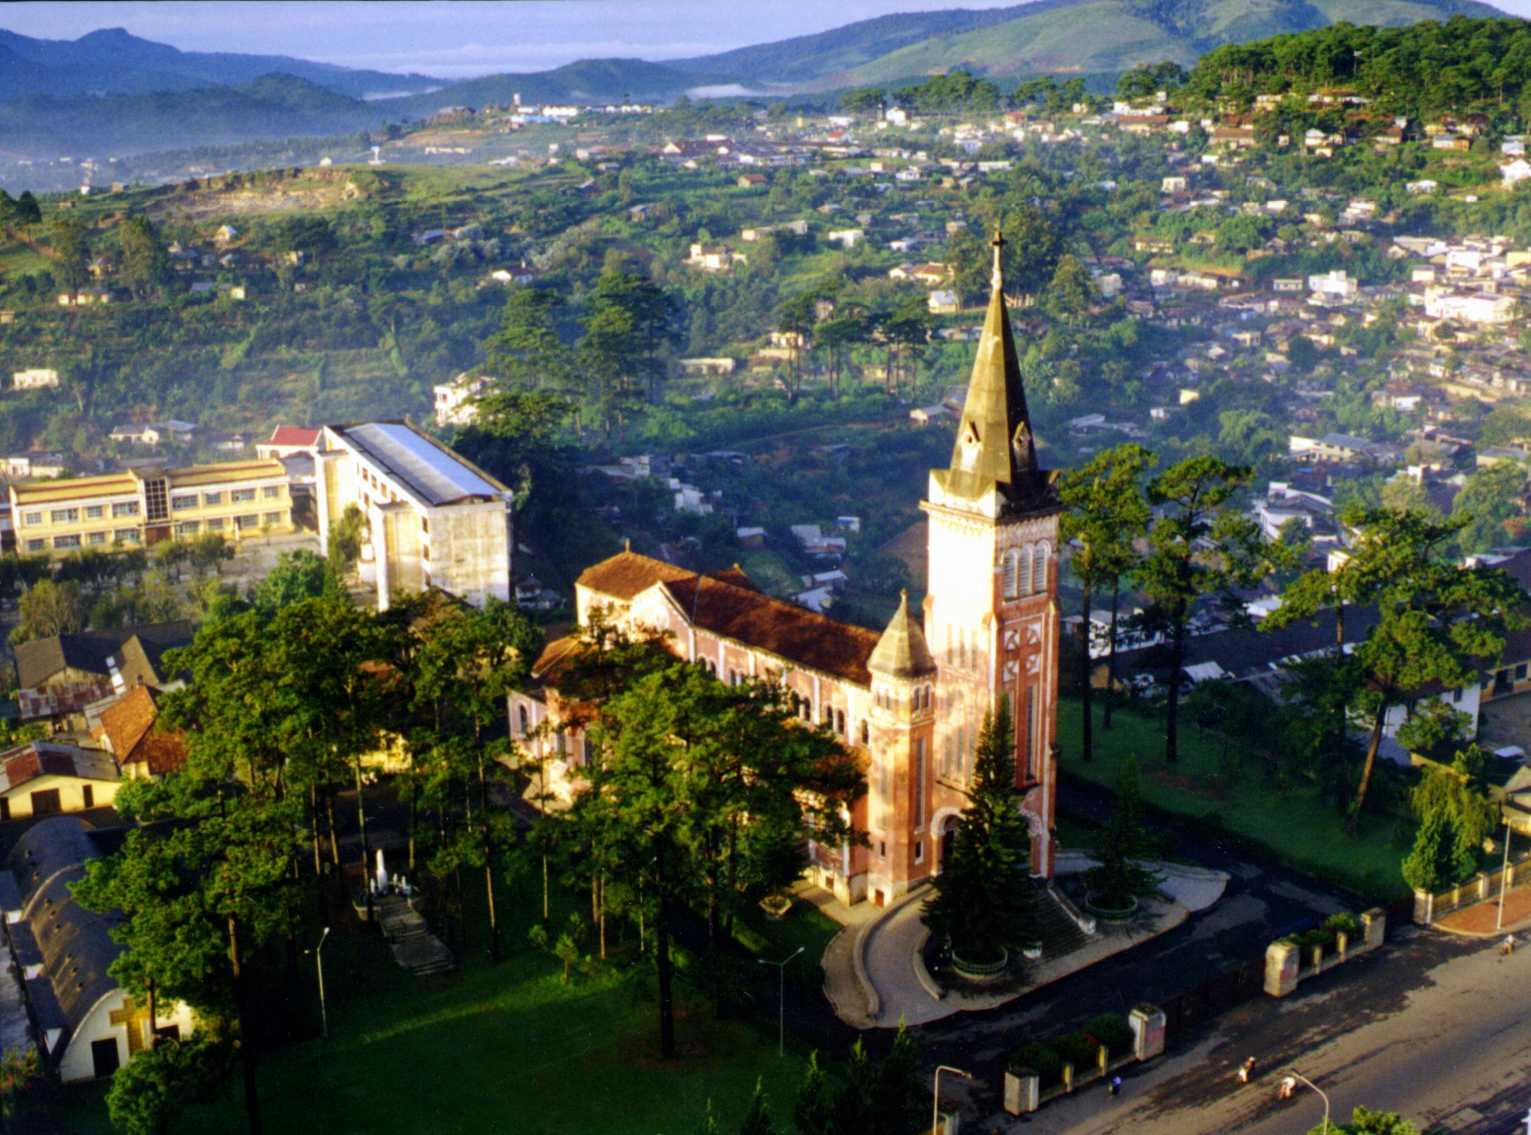 Tour du lịch xuyên Việt 5 ngày giá rẻ